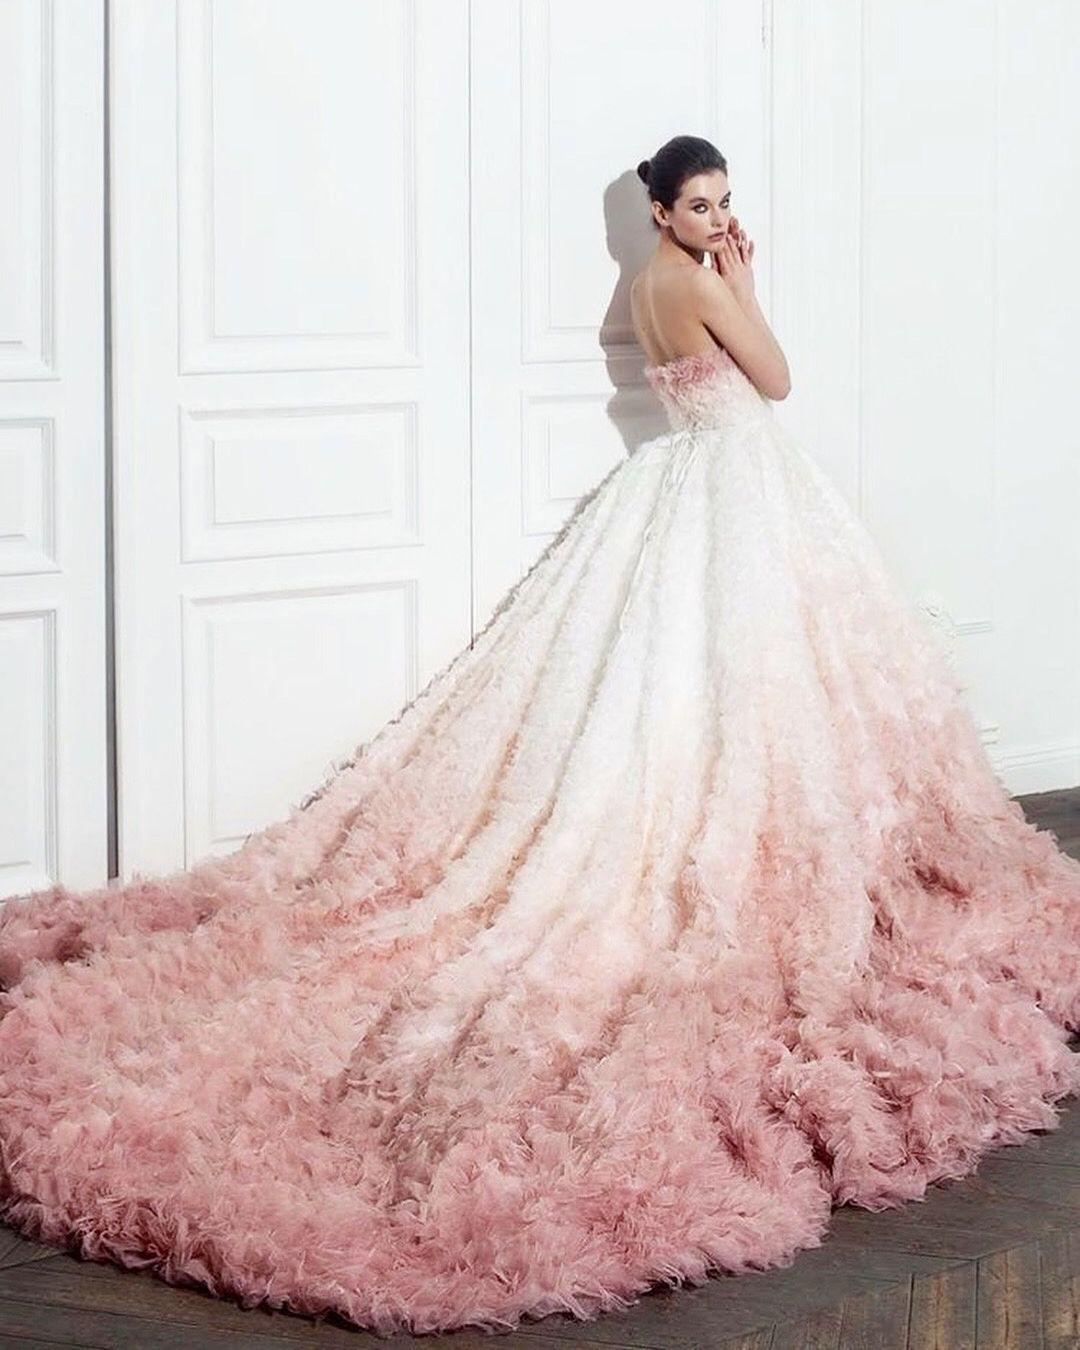 Pin by jody hale on jody hale pinterest gowns weddings and